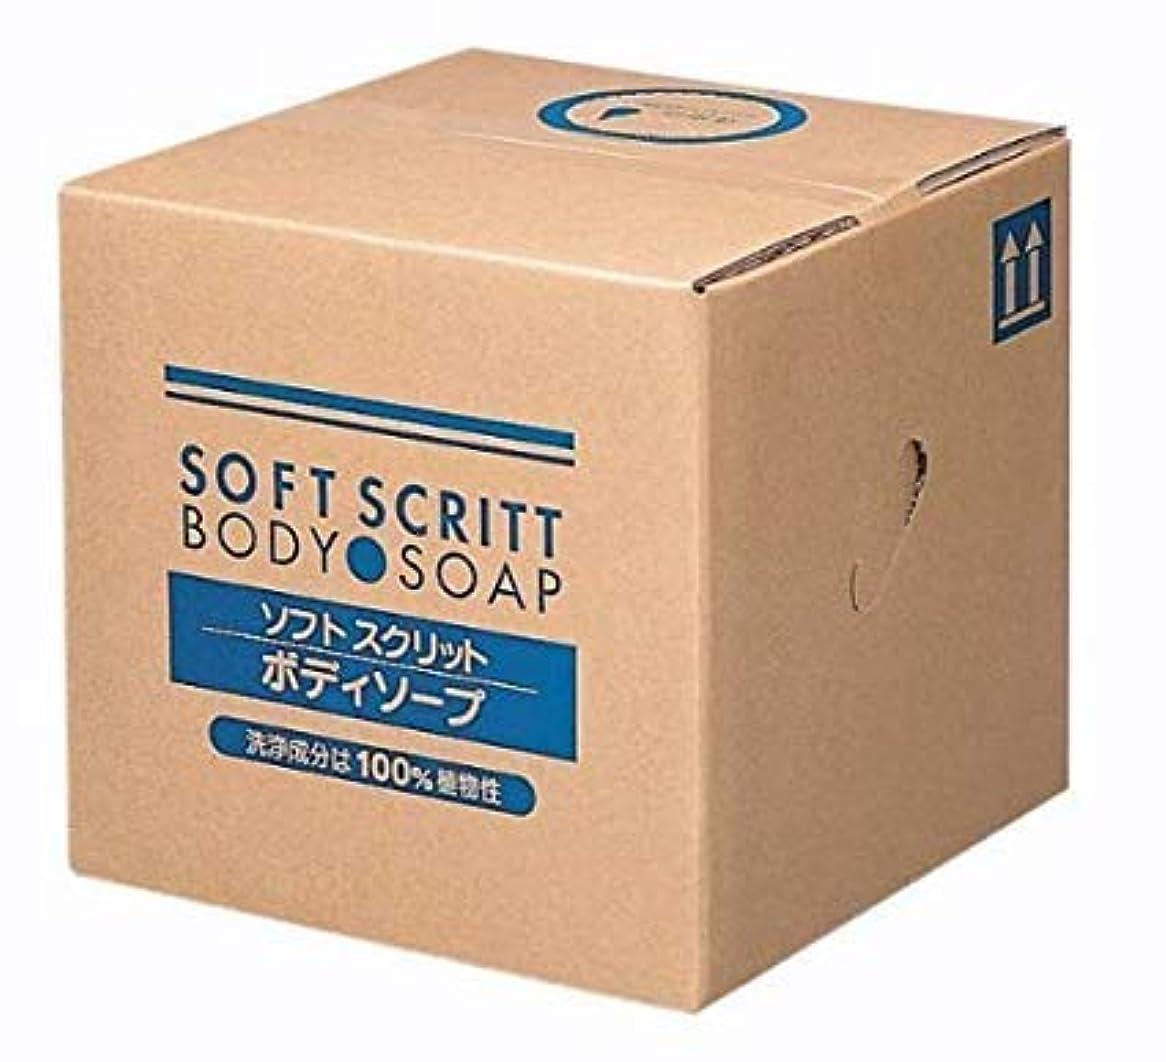 ガレージ構想する表面的な業務用 SOFT SCRITT(ソフト スクリット) ボディソープ 18L 熊野油脂 (コック無し)